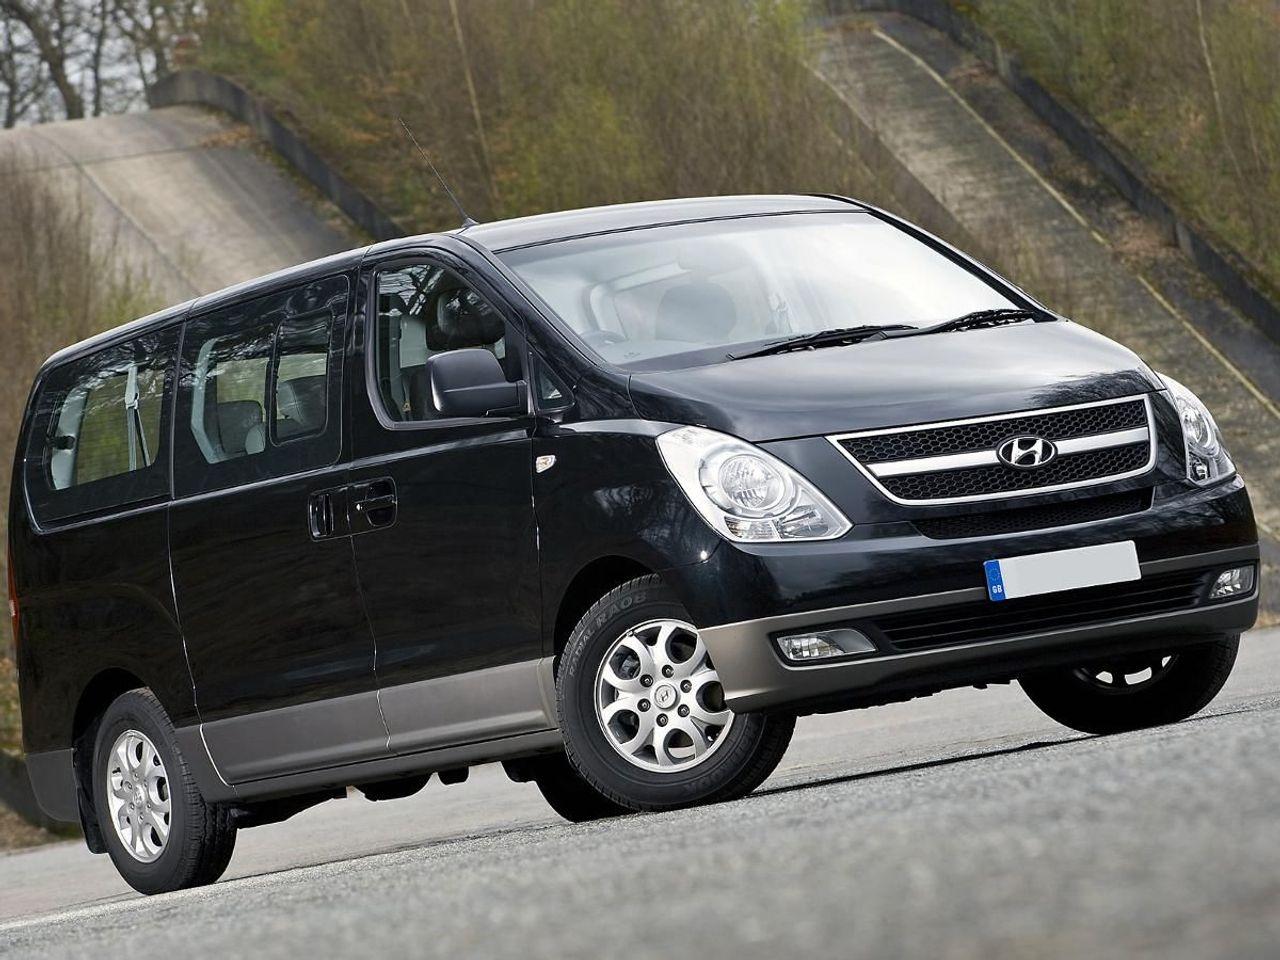 Hyundai i800 MPV